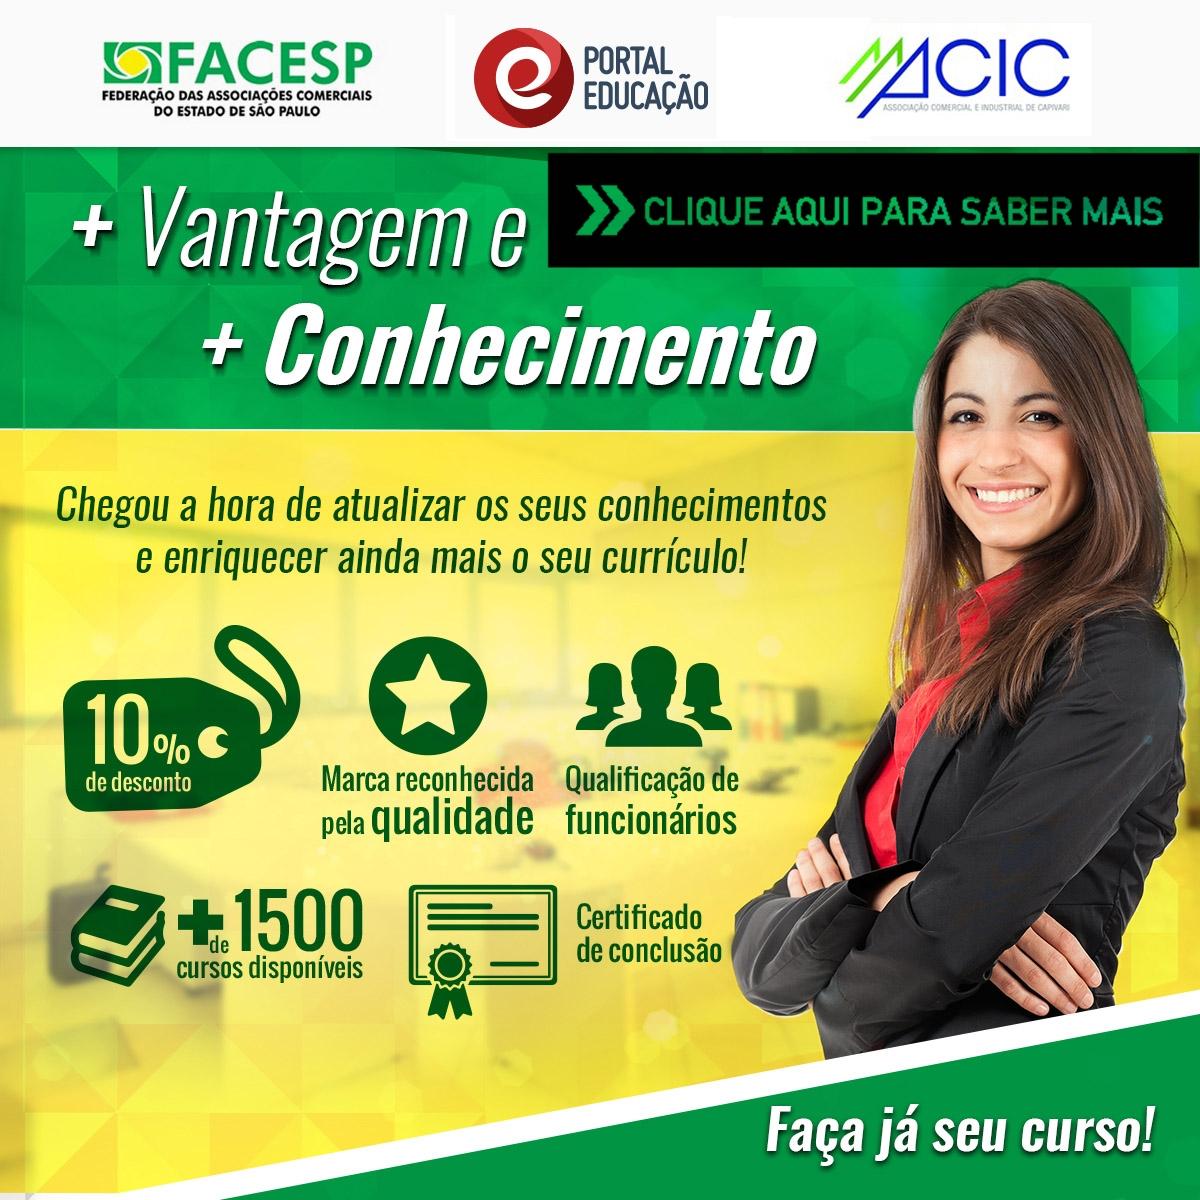 PortalEducação3